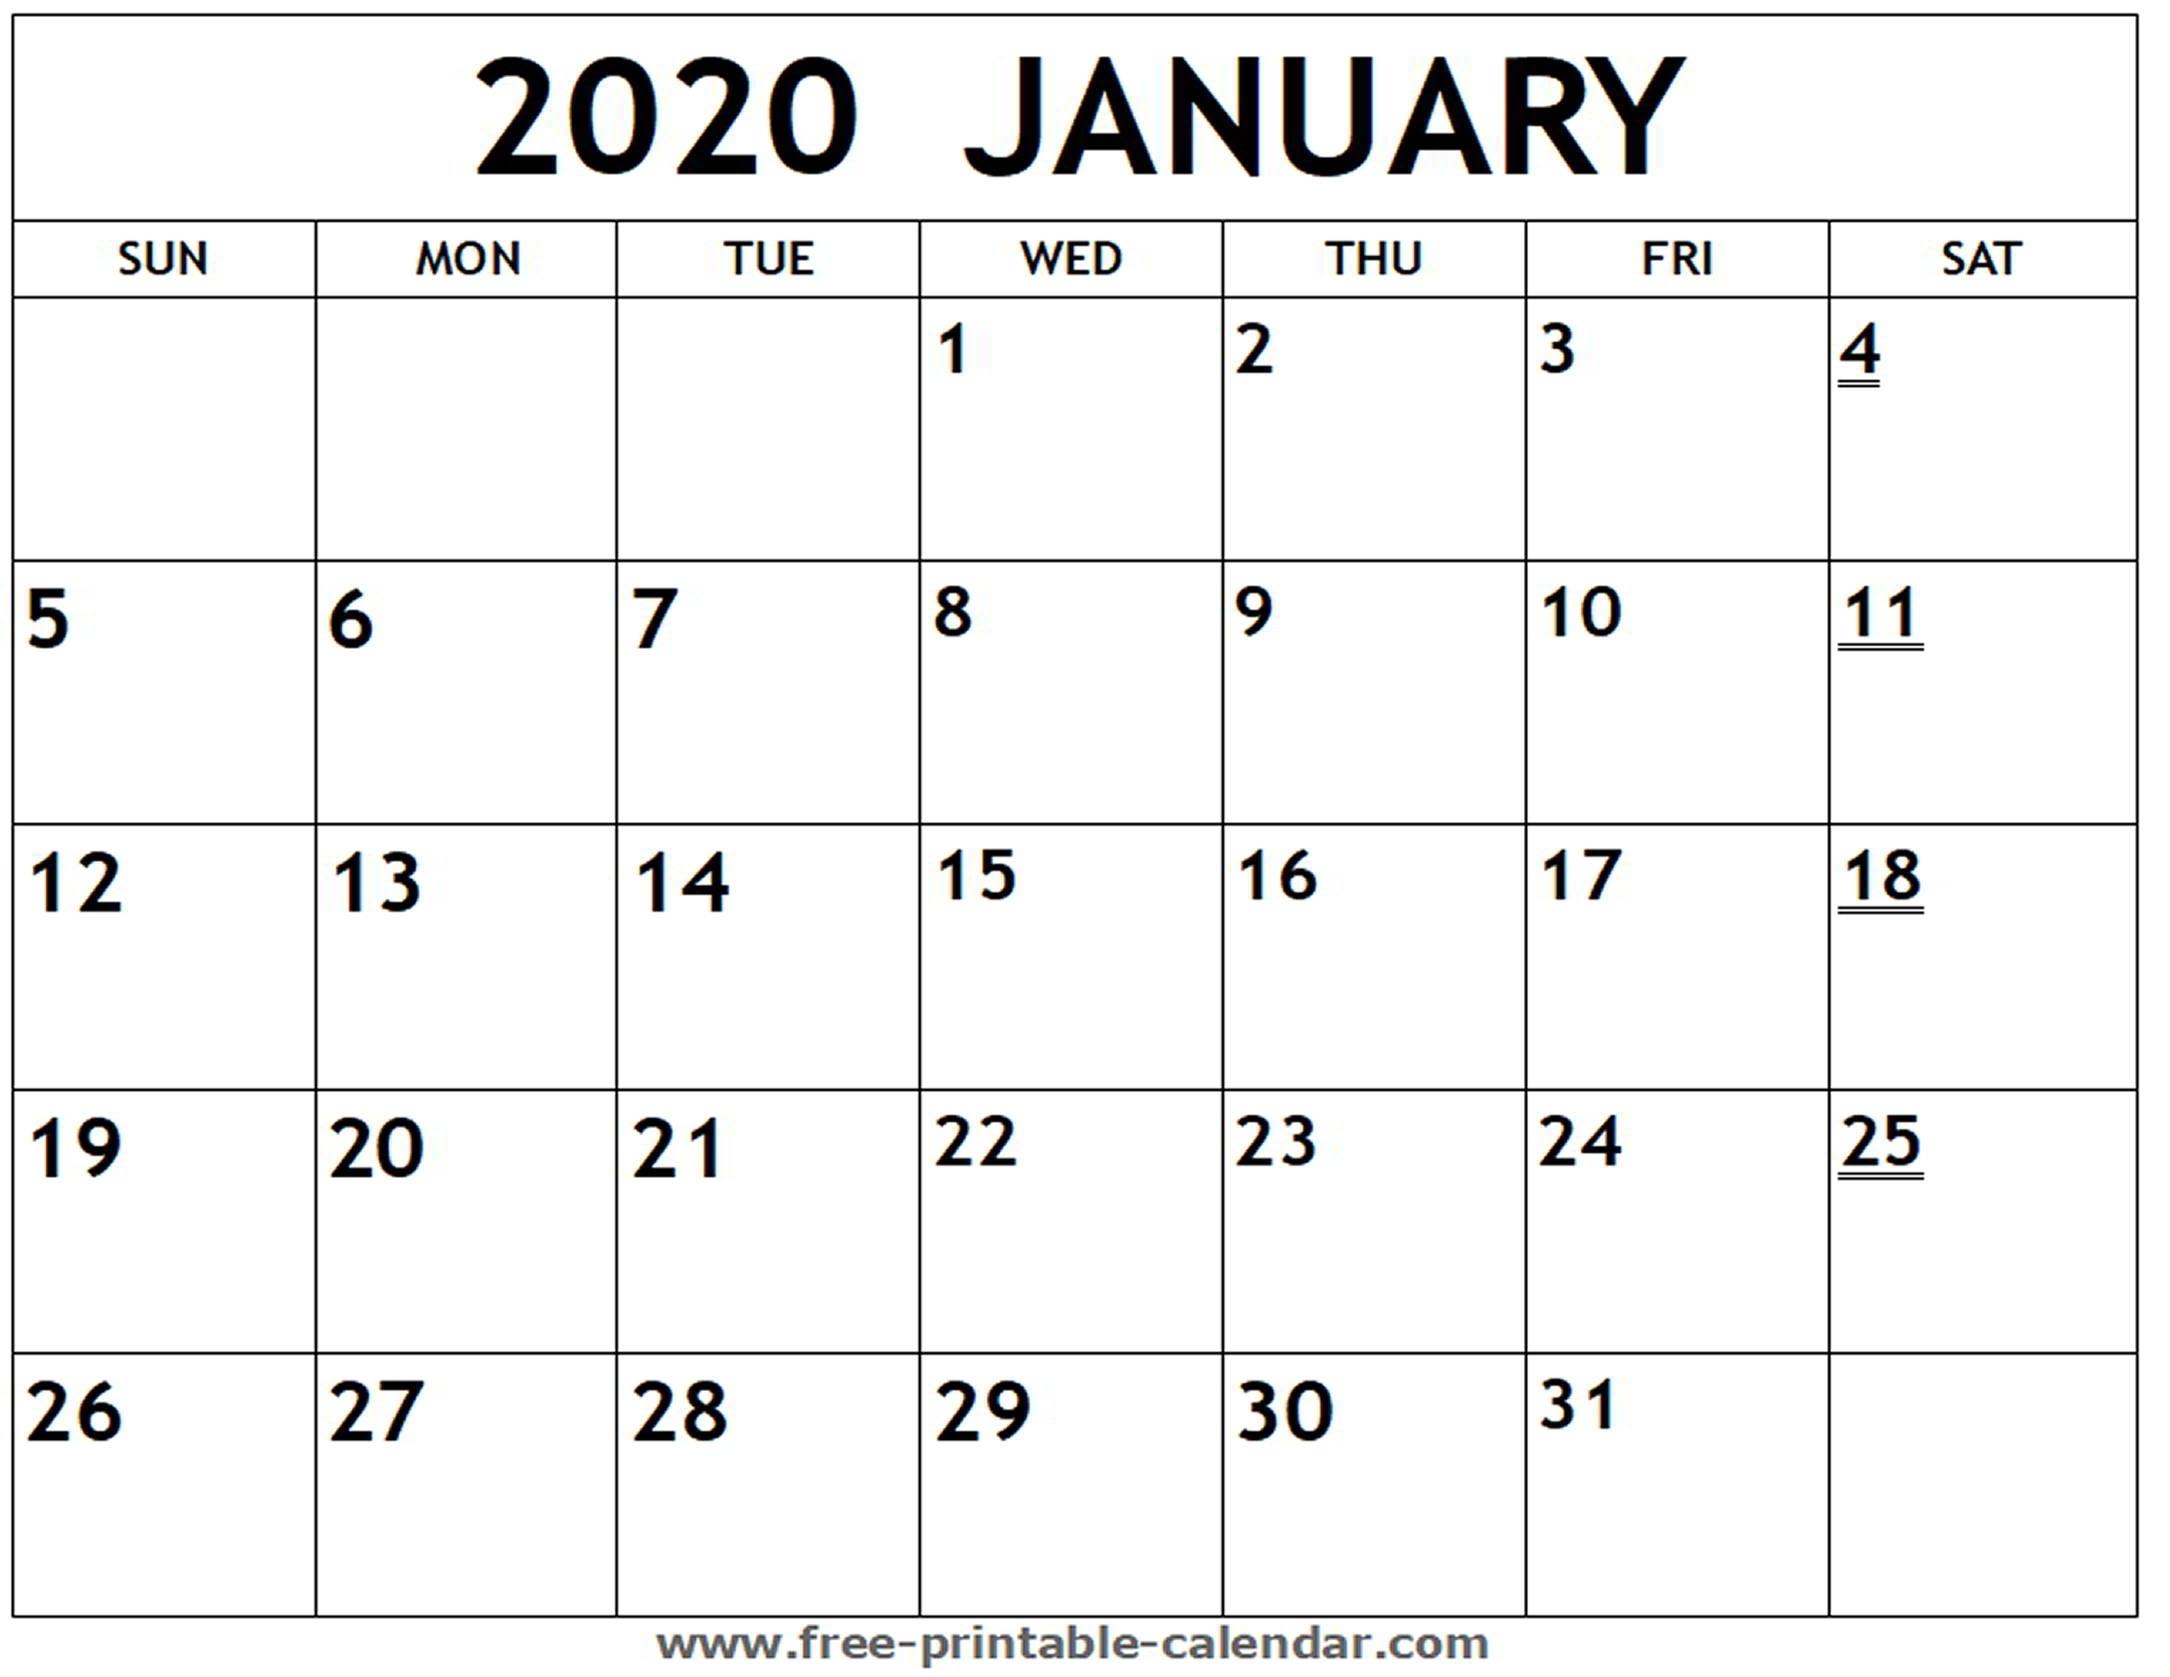 Printable 2020 January Calendar - Free-Printable-Calendar with regard to Free Printable 2020 Calendars-Monthly